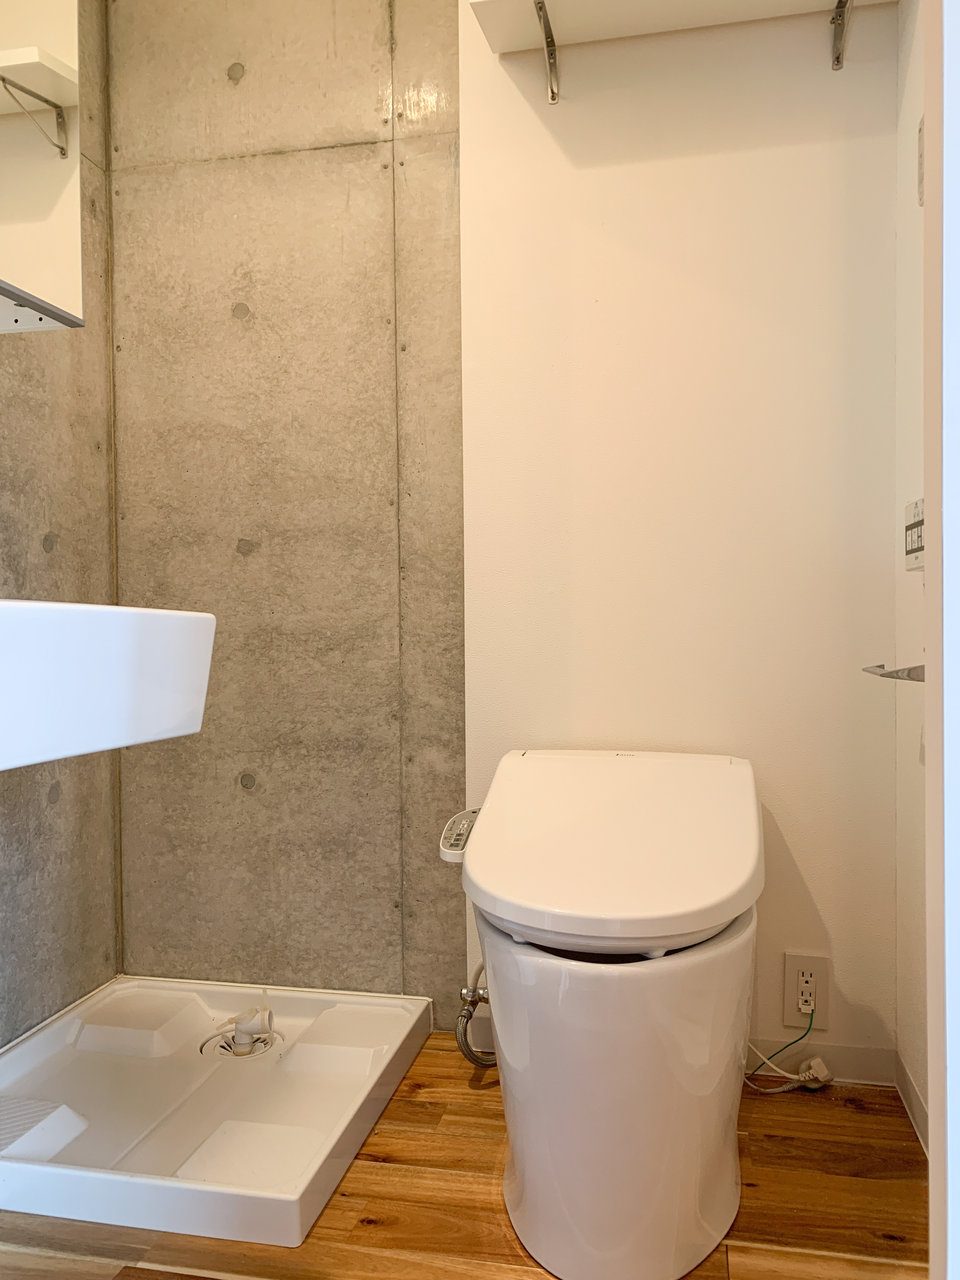 居室の隣には、水回りがコンパクトに1か所にまとまっていて使いやすそう。バストイレ別なのもうれしい。